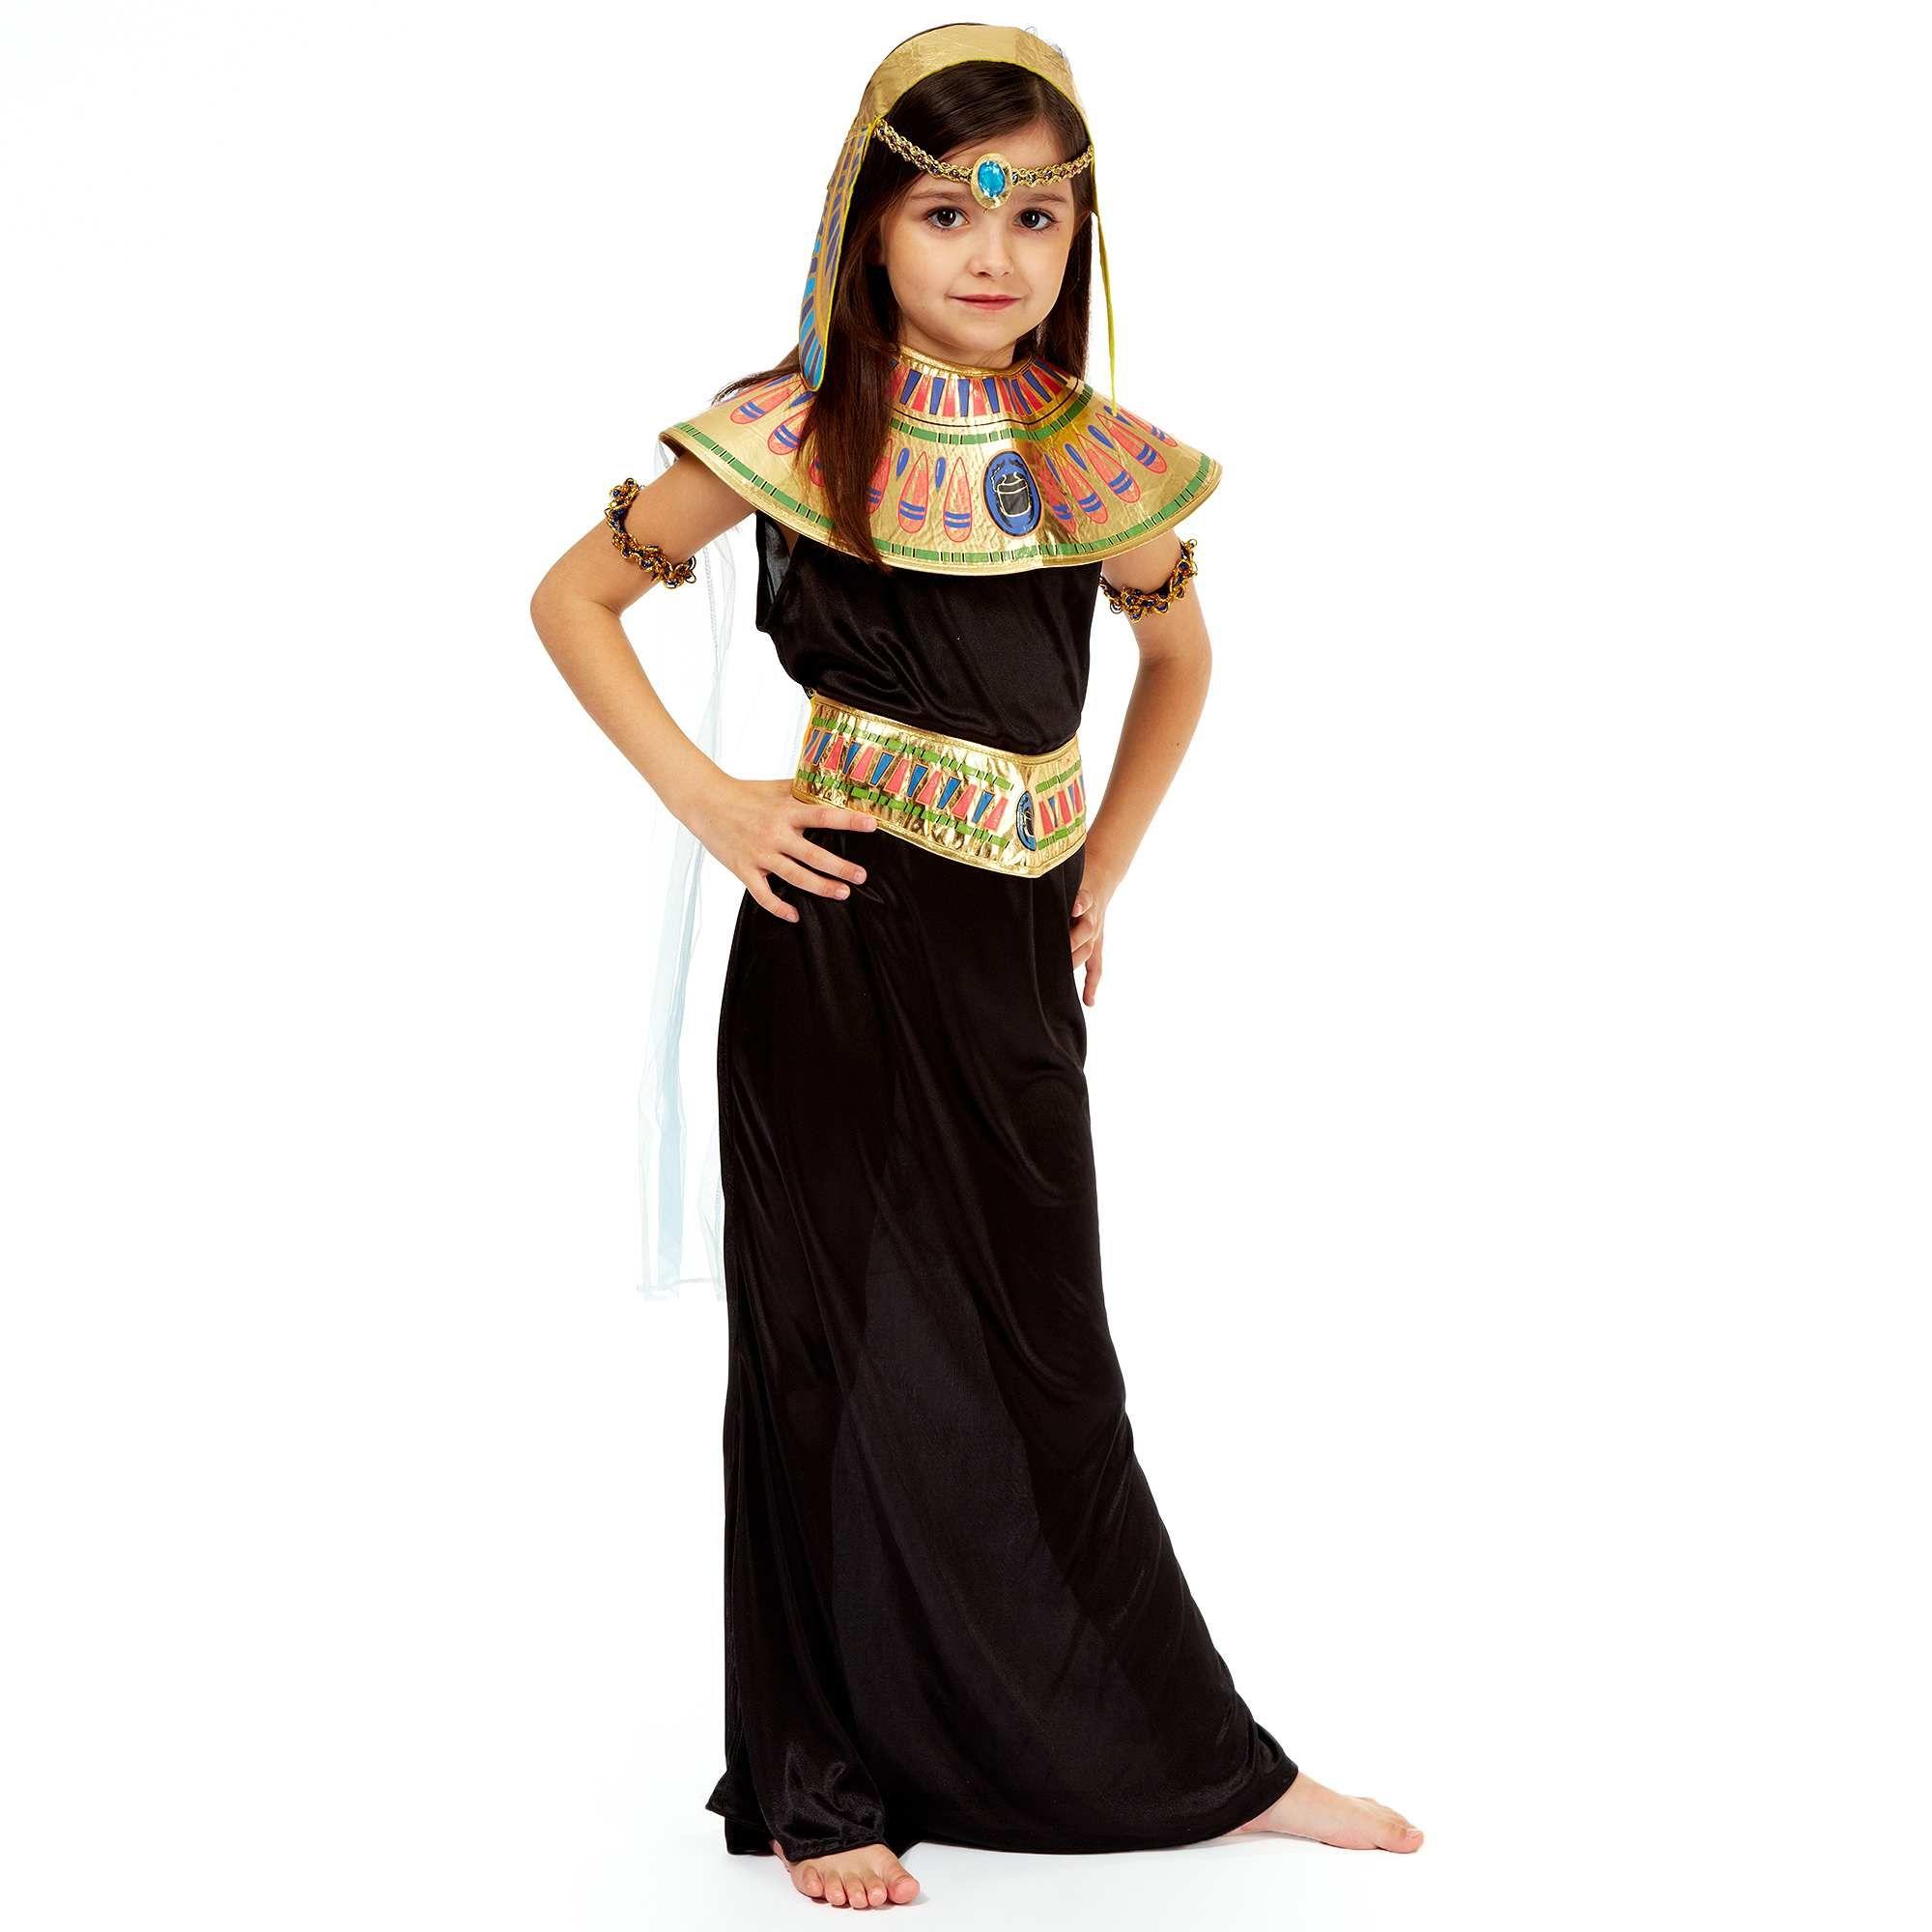 189ad408b2e Disfraz de egipcia Niños - Kiabi - 22